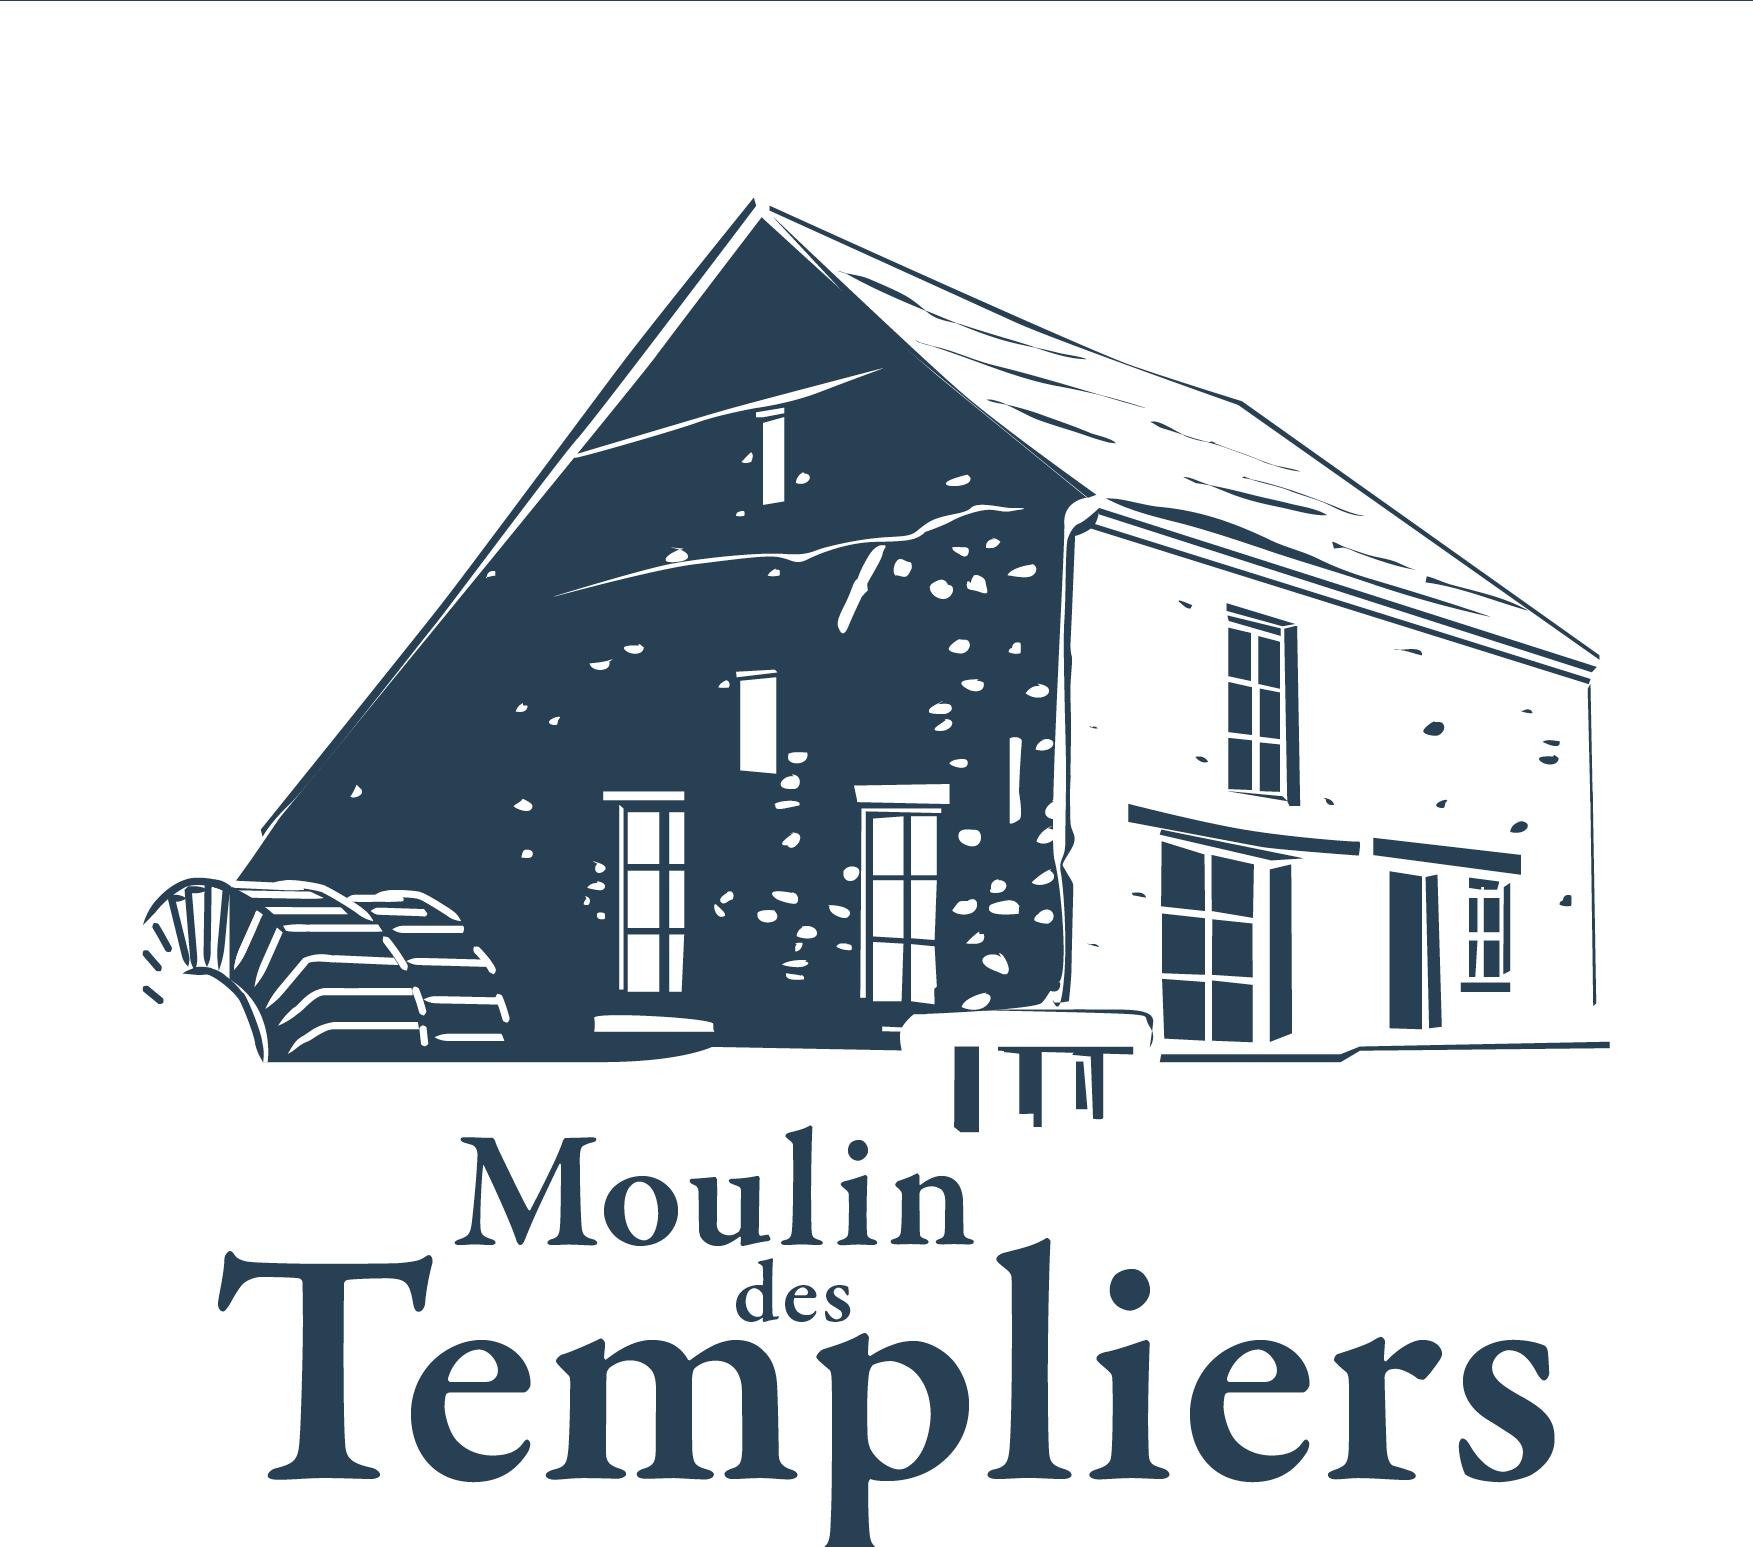 moulin-des-templiers-nature-bourgogne-bucolique-rivierere-vezelay